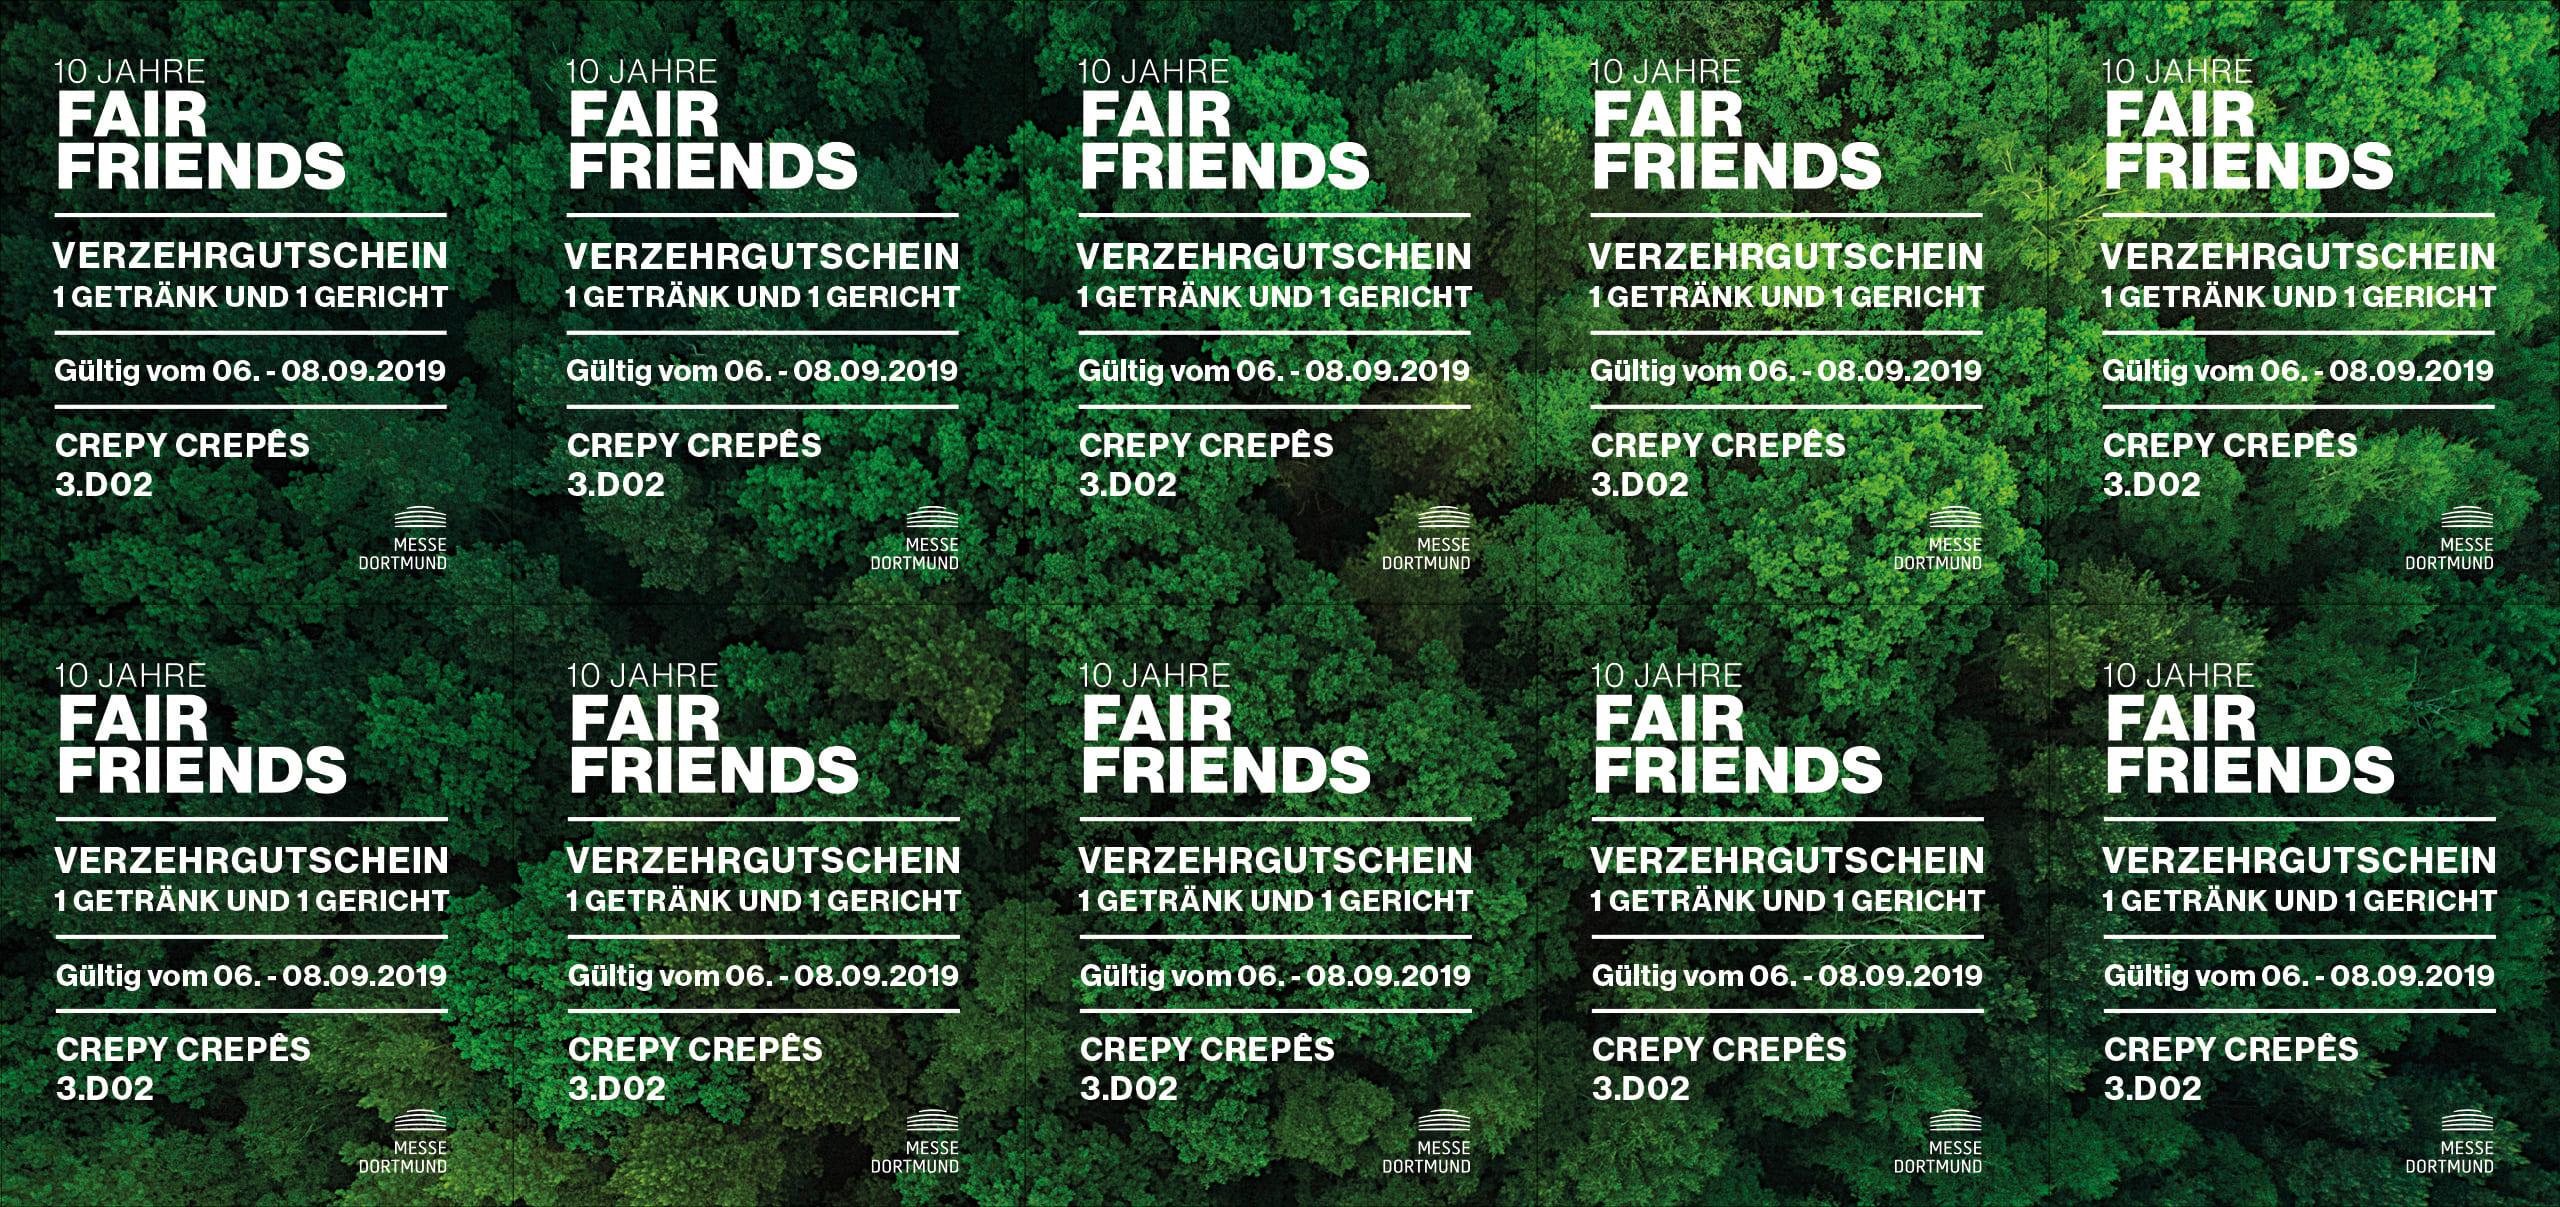 Fair-Friends9